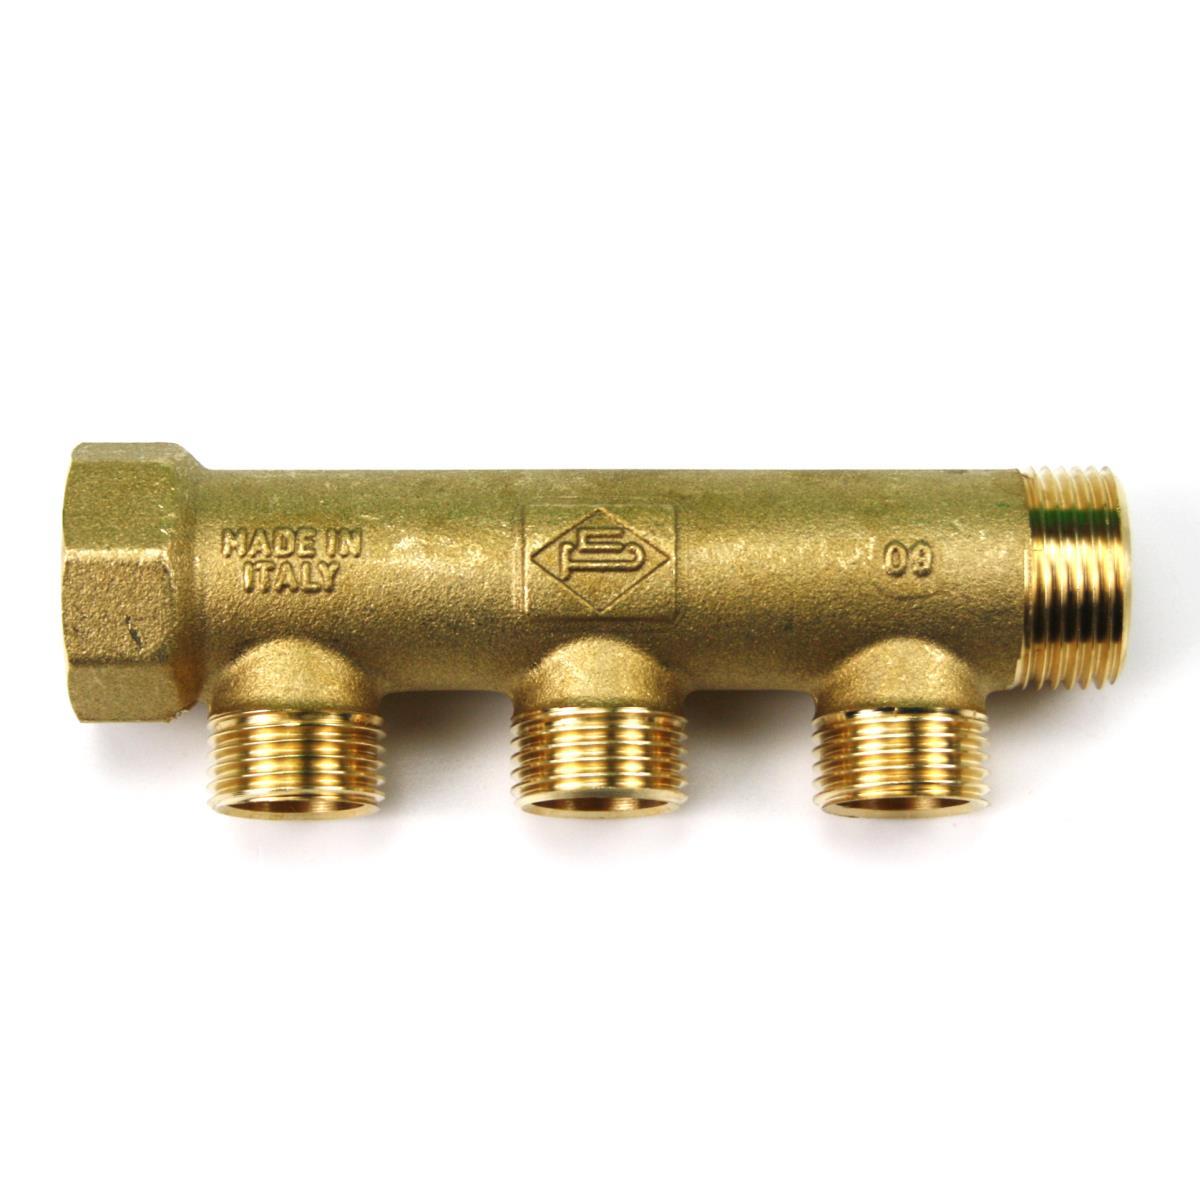 """Messing Universal Verteiler 3-Fach Sanitär 3/4"""" x 1/2"""" Wasser Heizung IG/AG,Poletti,C30300T35, 8025459081822"""